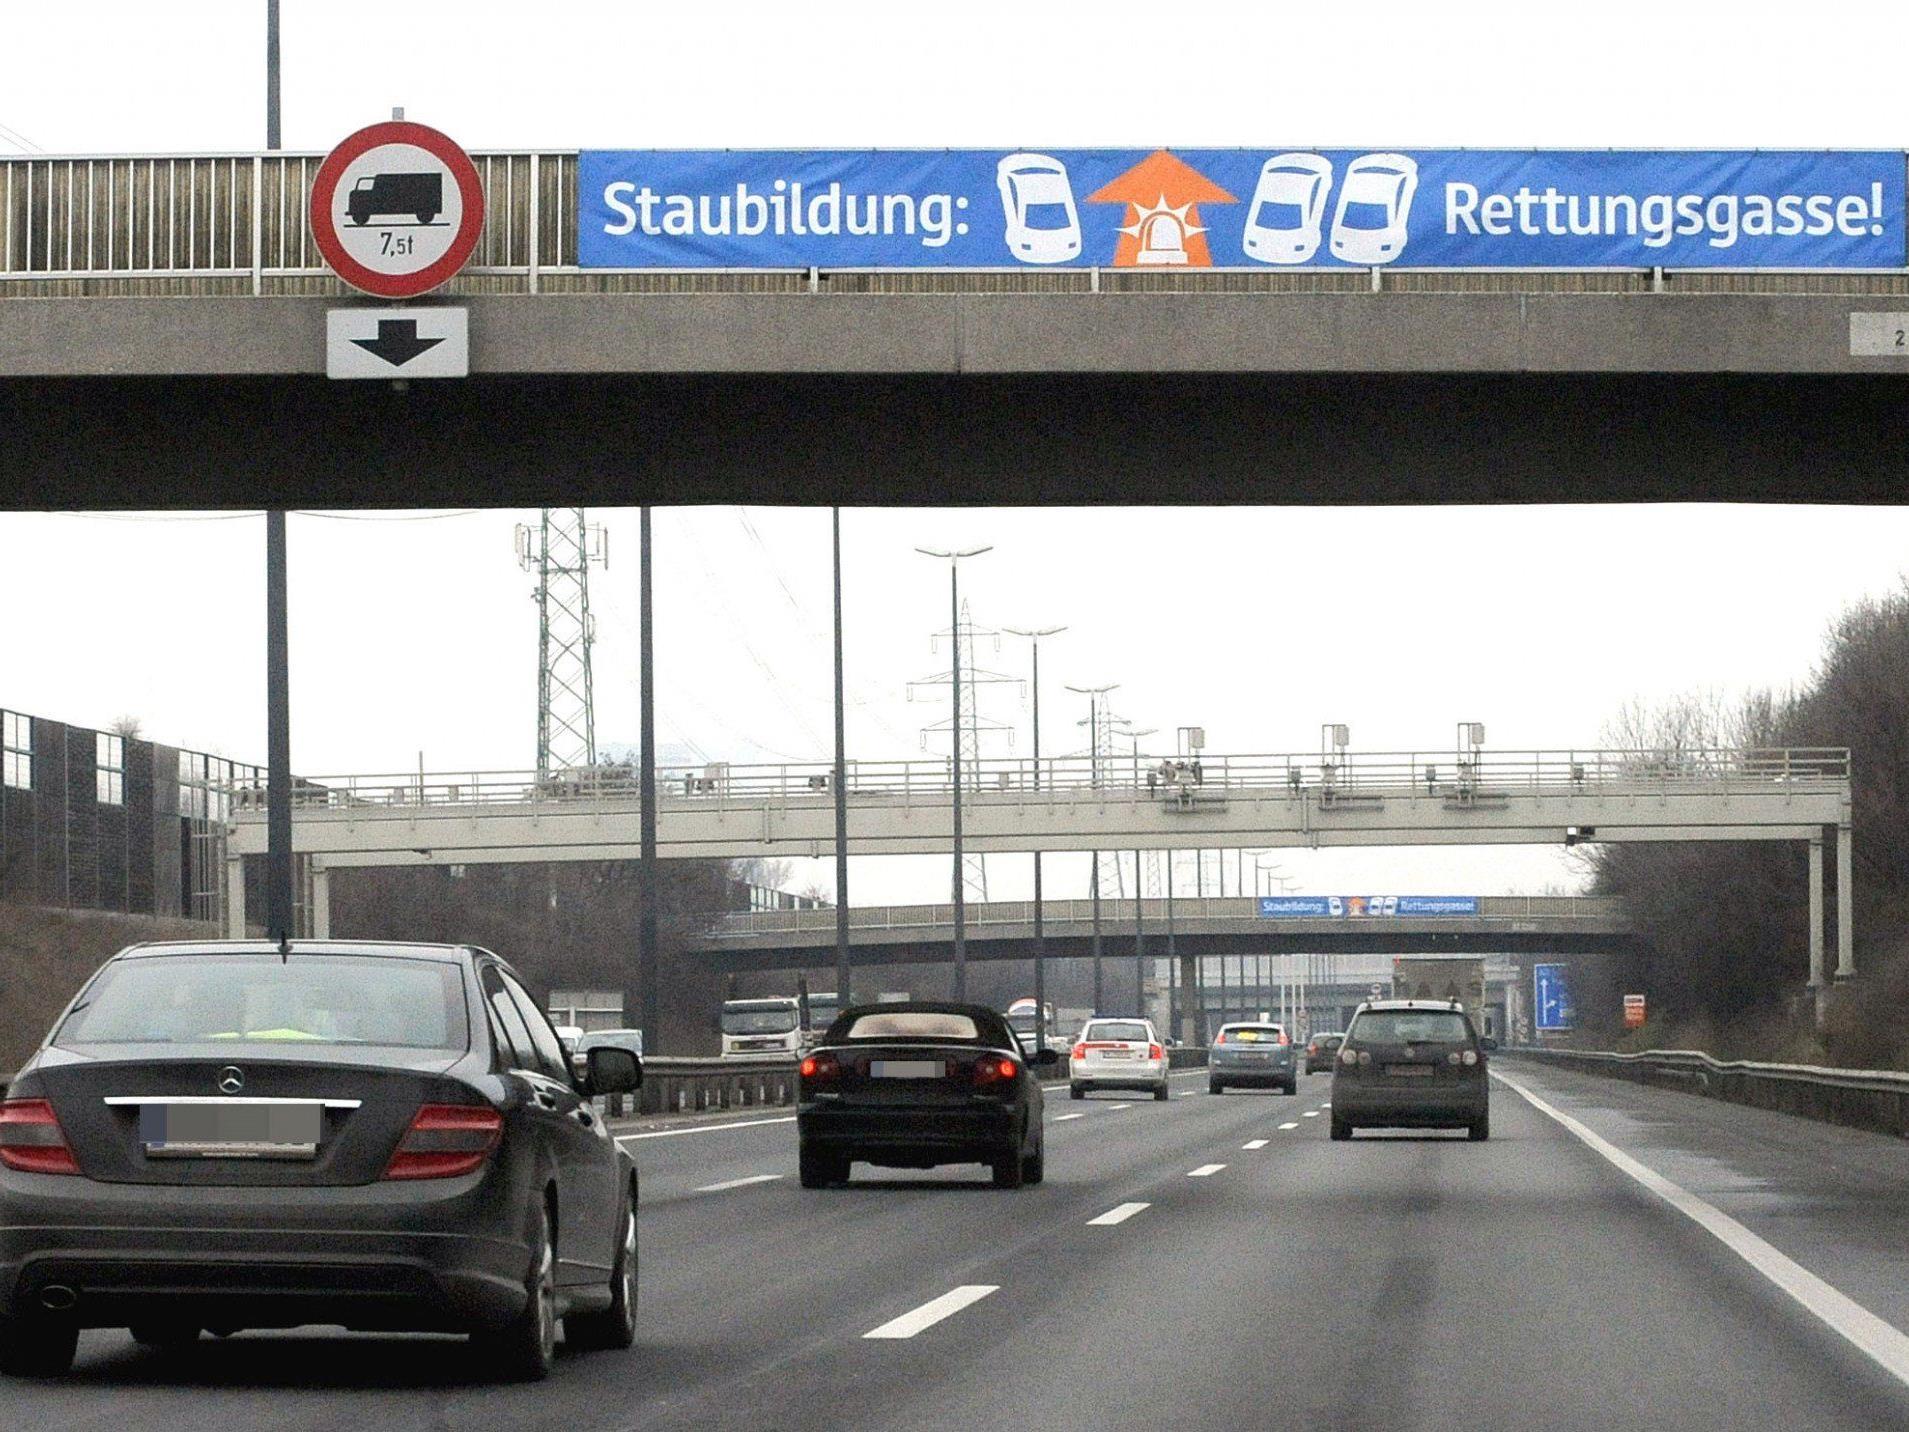 Mehr als 320 Millionen Euro sollen pro Jahr für die Sanierung des Autobahnnetzes ausgegeben werden.